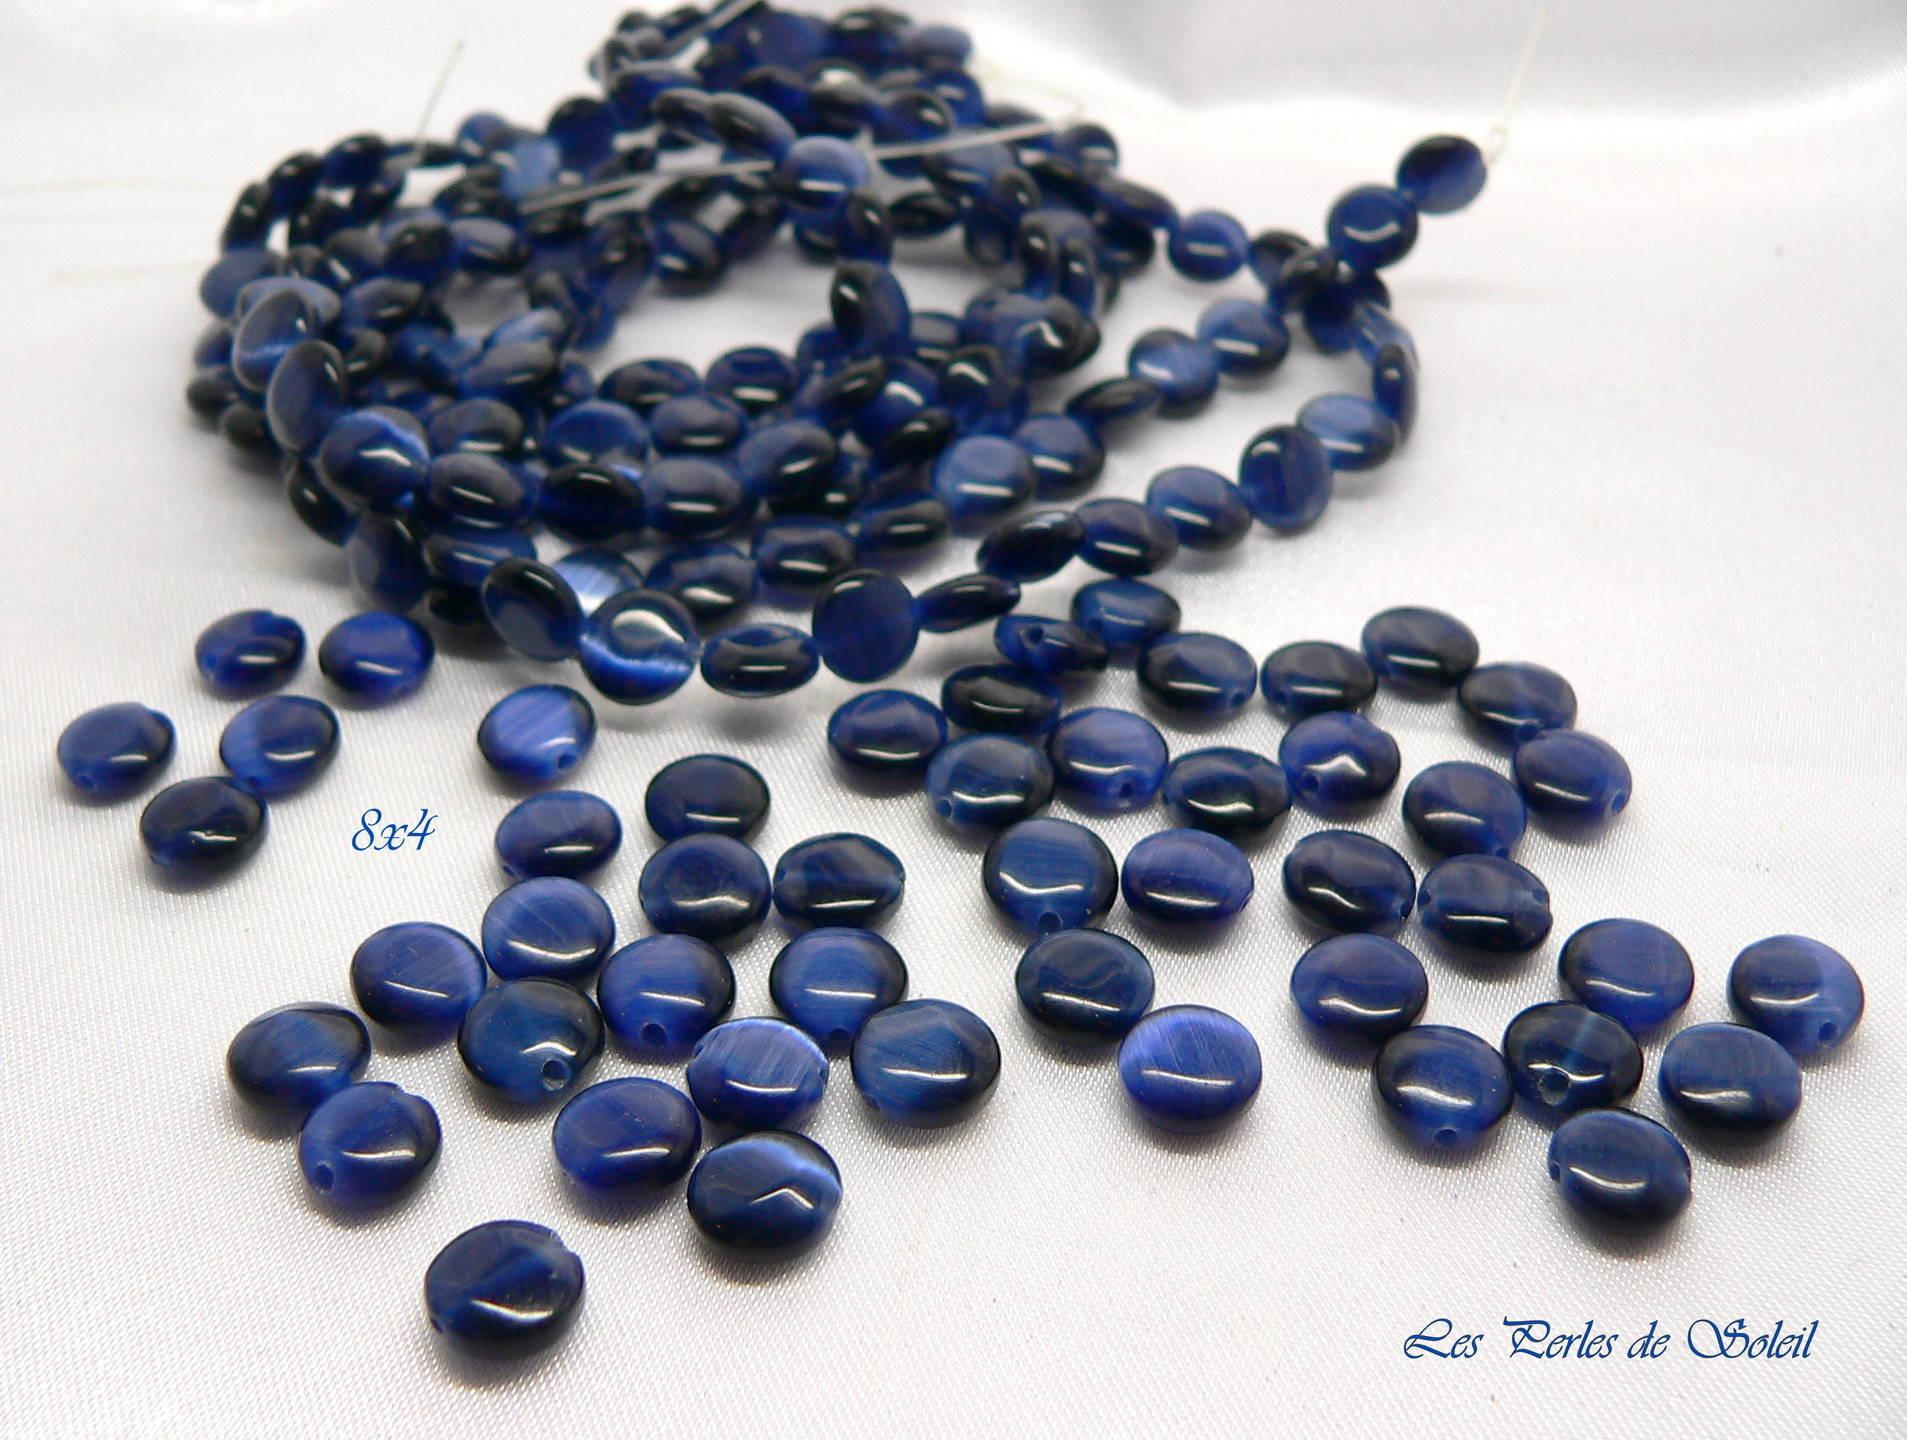 25 perles palets pierre naturelle bleue 8x4mm